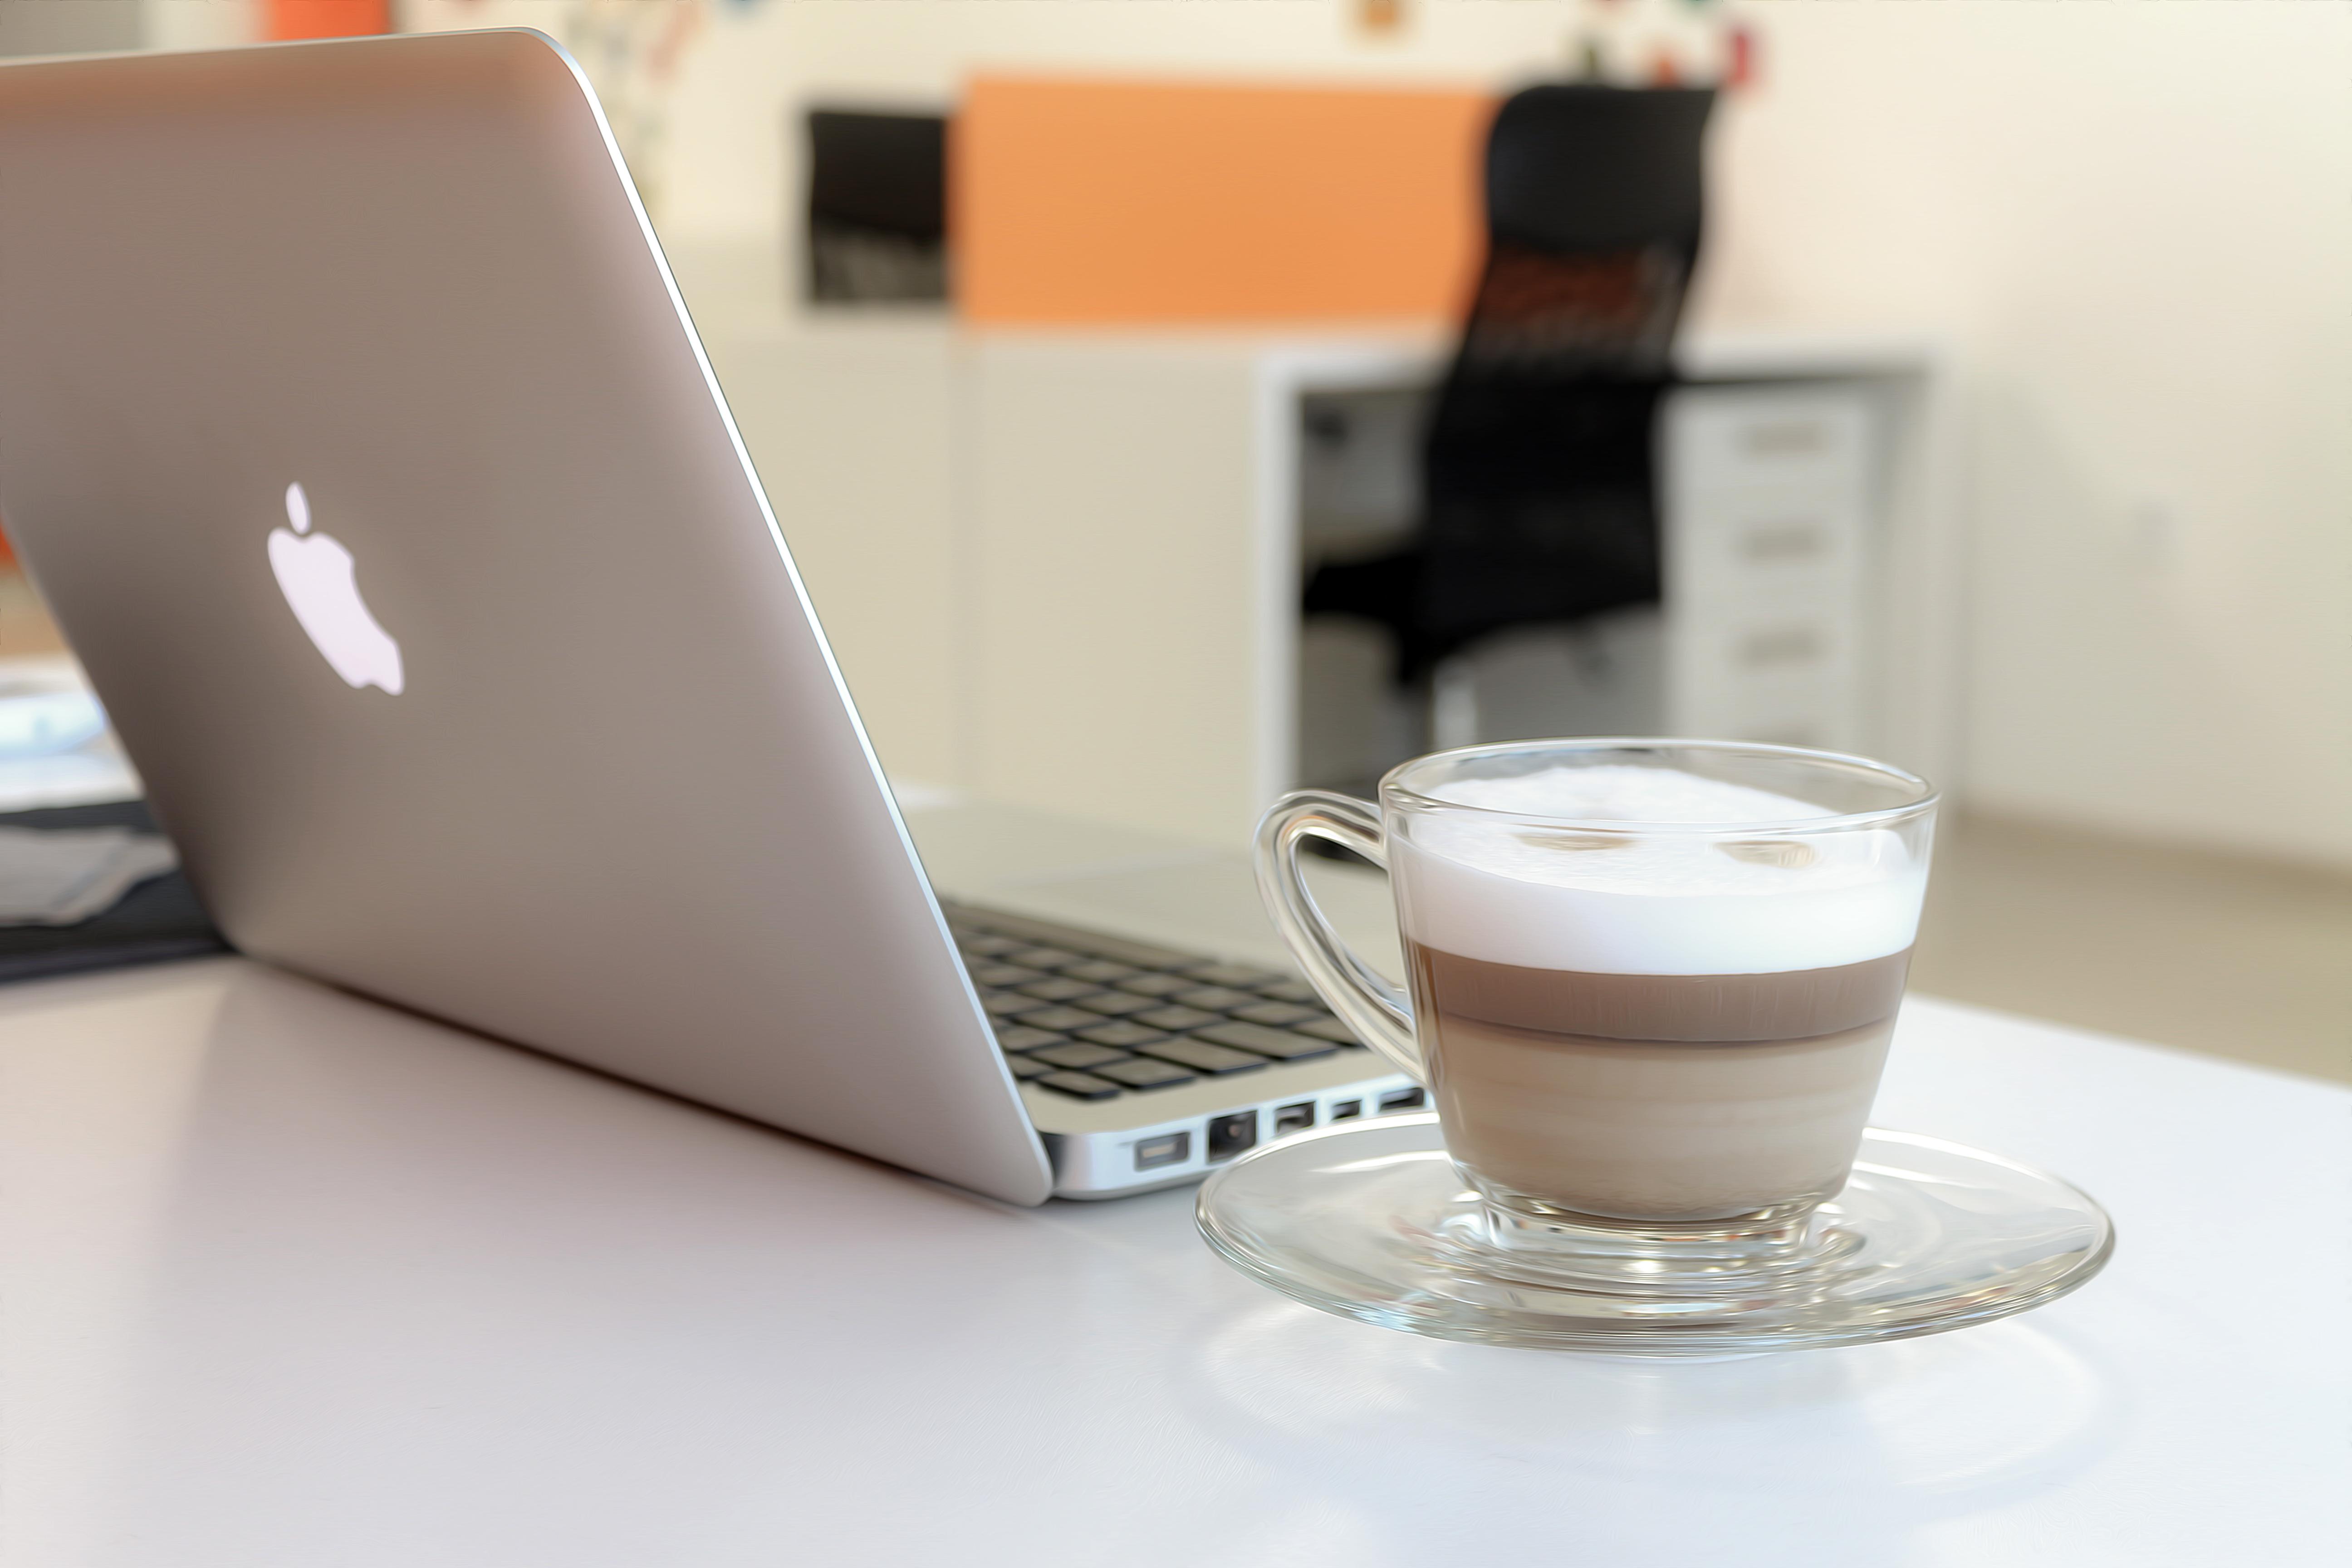 лежу красивая картинка ноутбук и кофе красивое брюнет